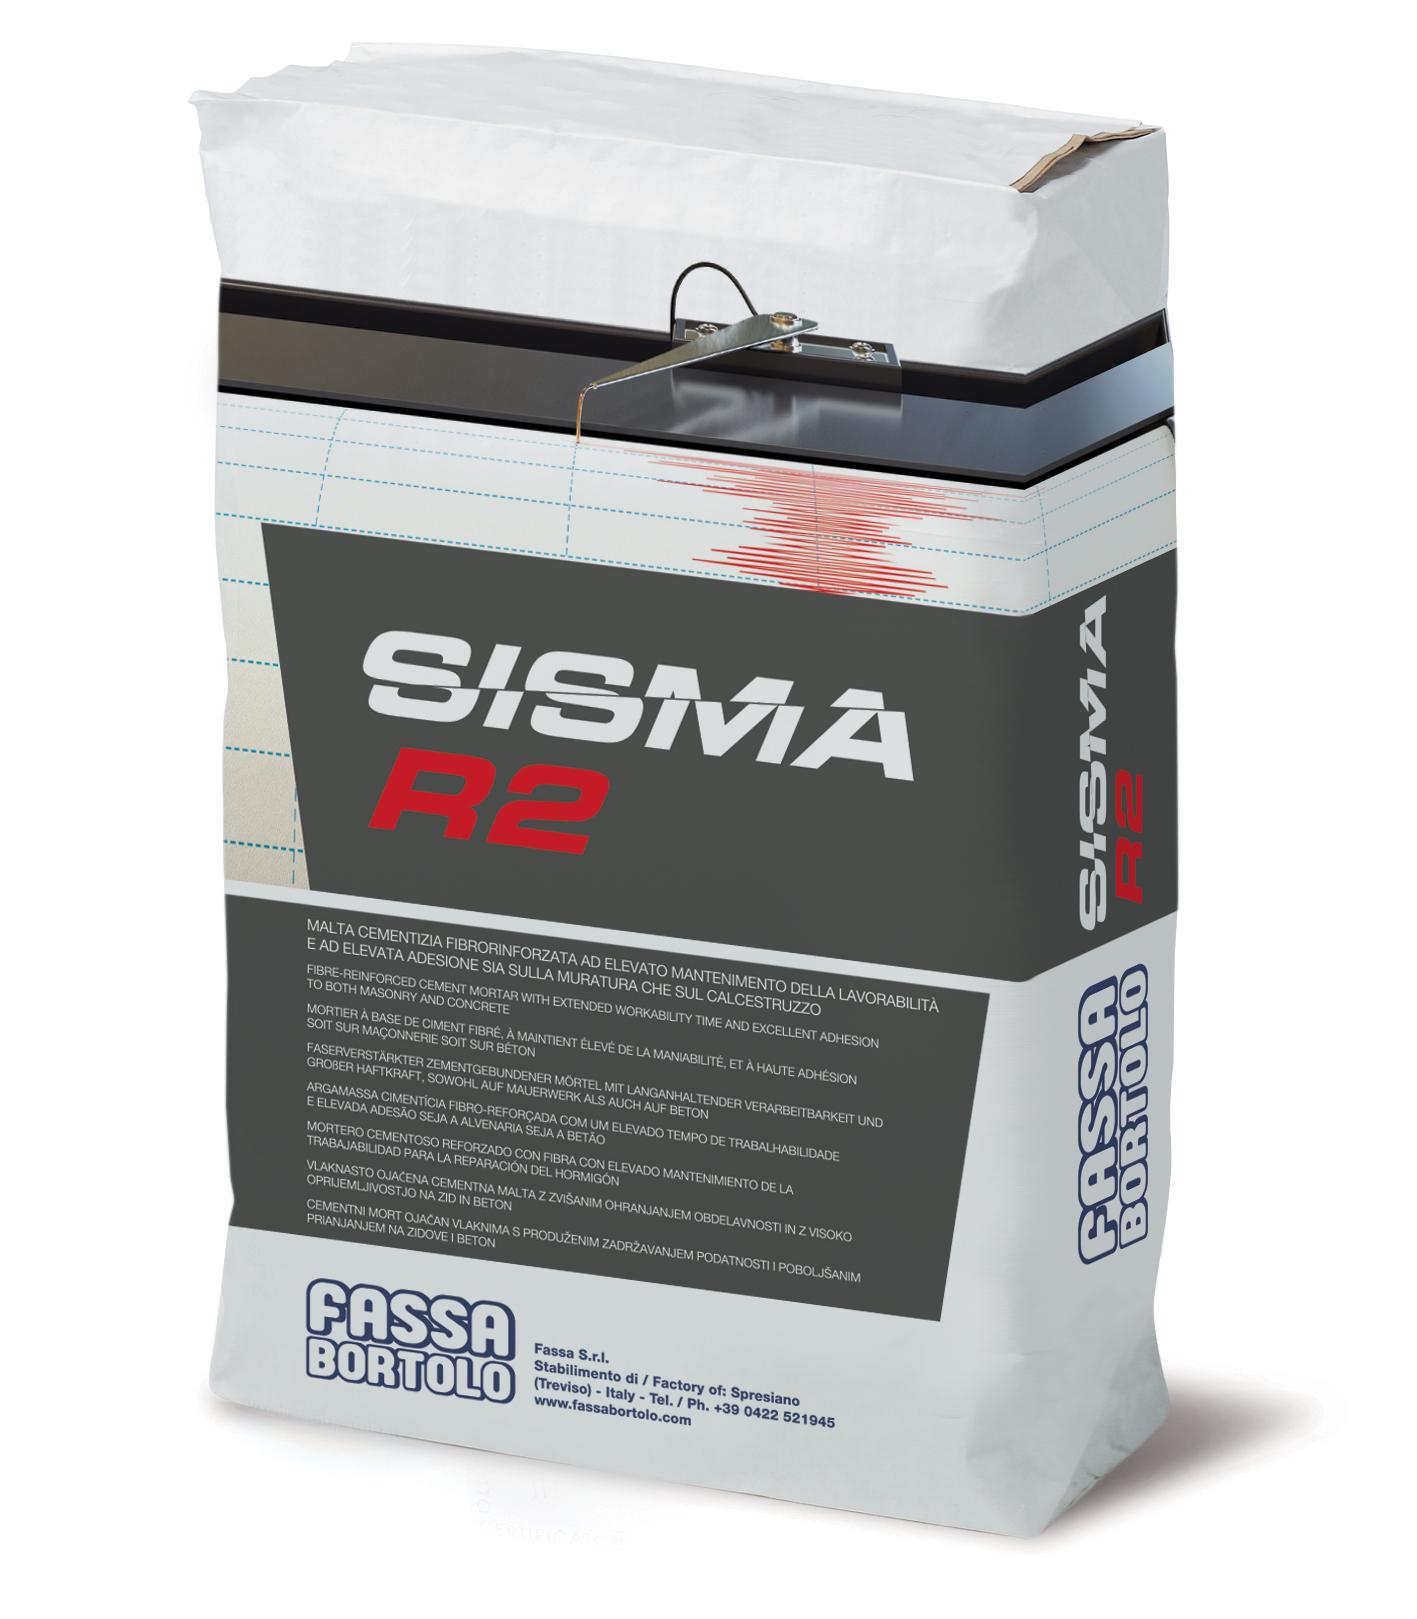 SISMA R2: Malta cementizia monocomponente polimero-modificata e fibrorinforzata ad elevata adesione specifica come matrice inorganica per sistemi FRCM